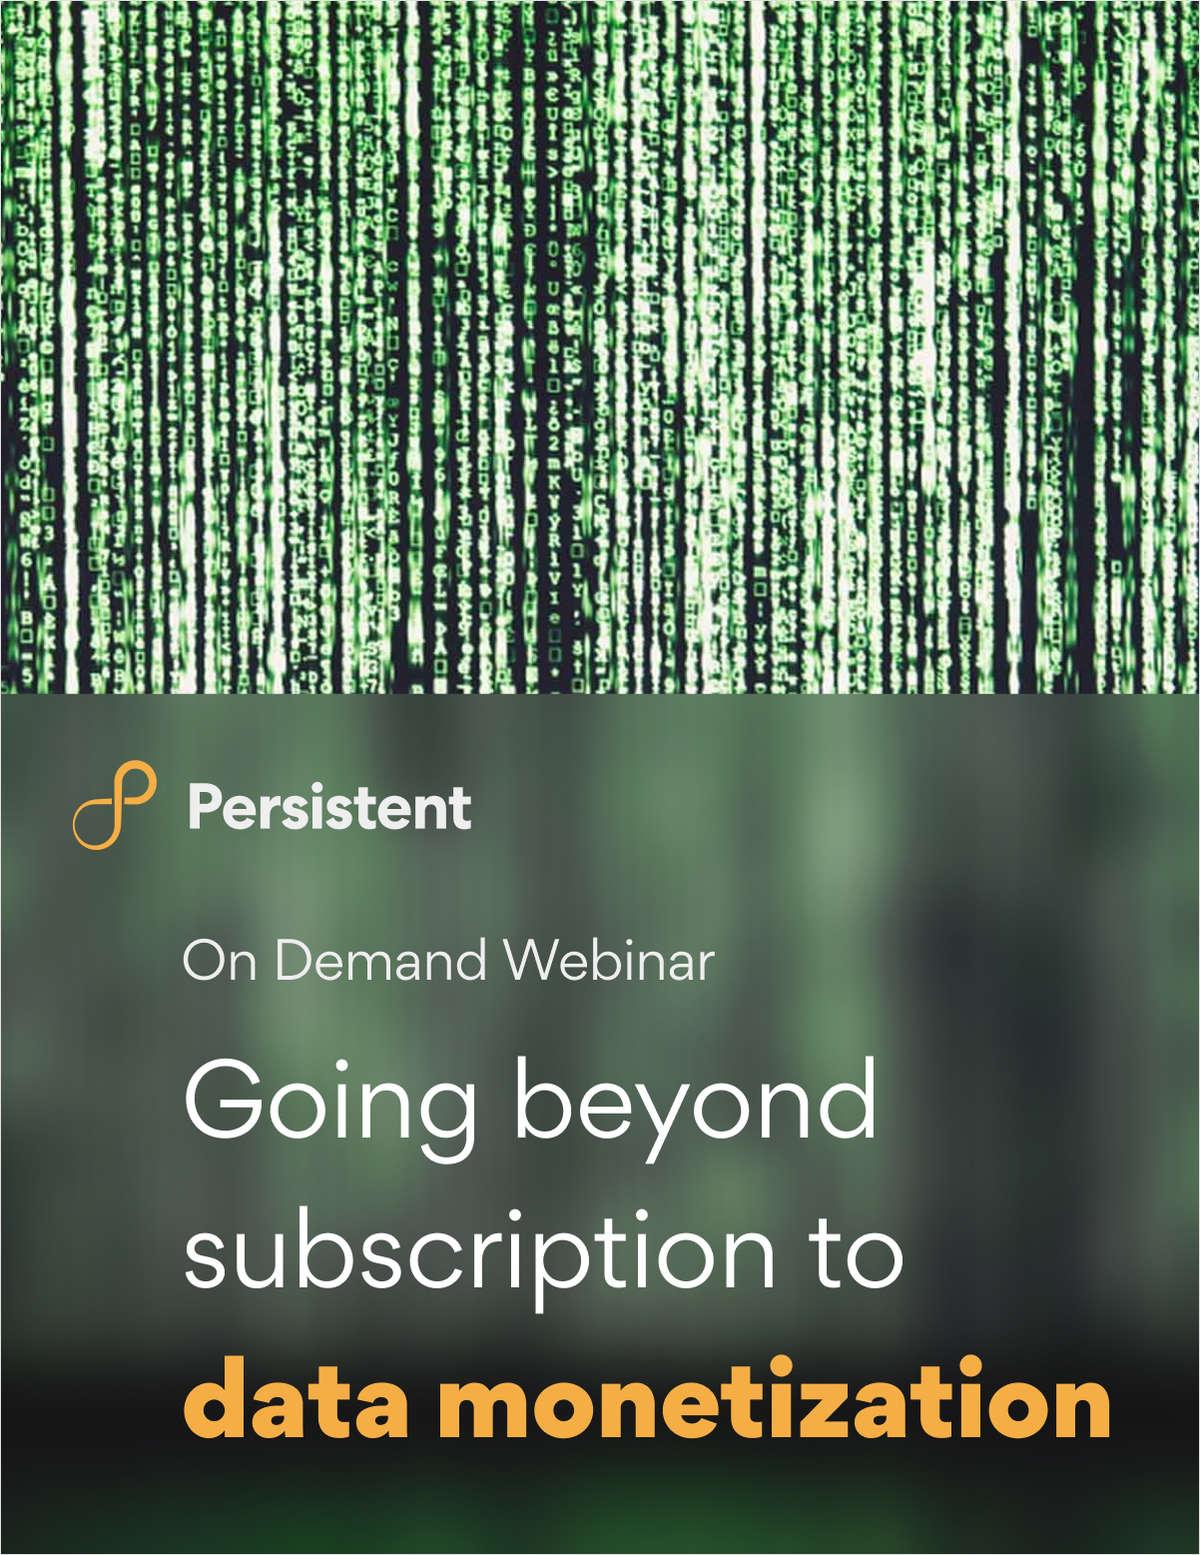 Webinar - Going beyond subscription to data monetization